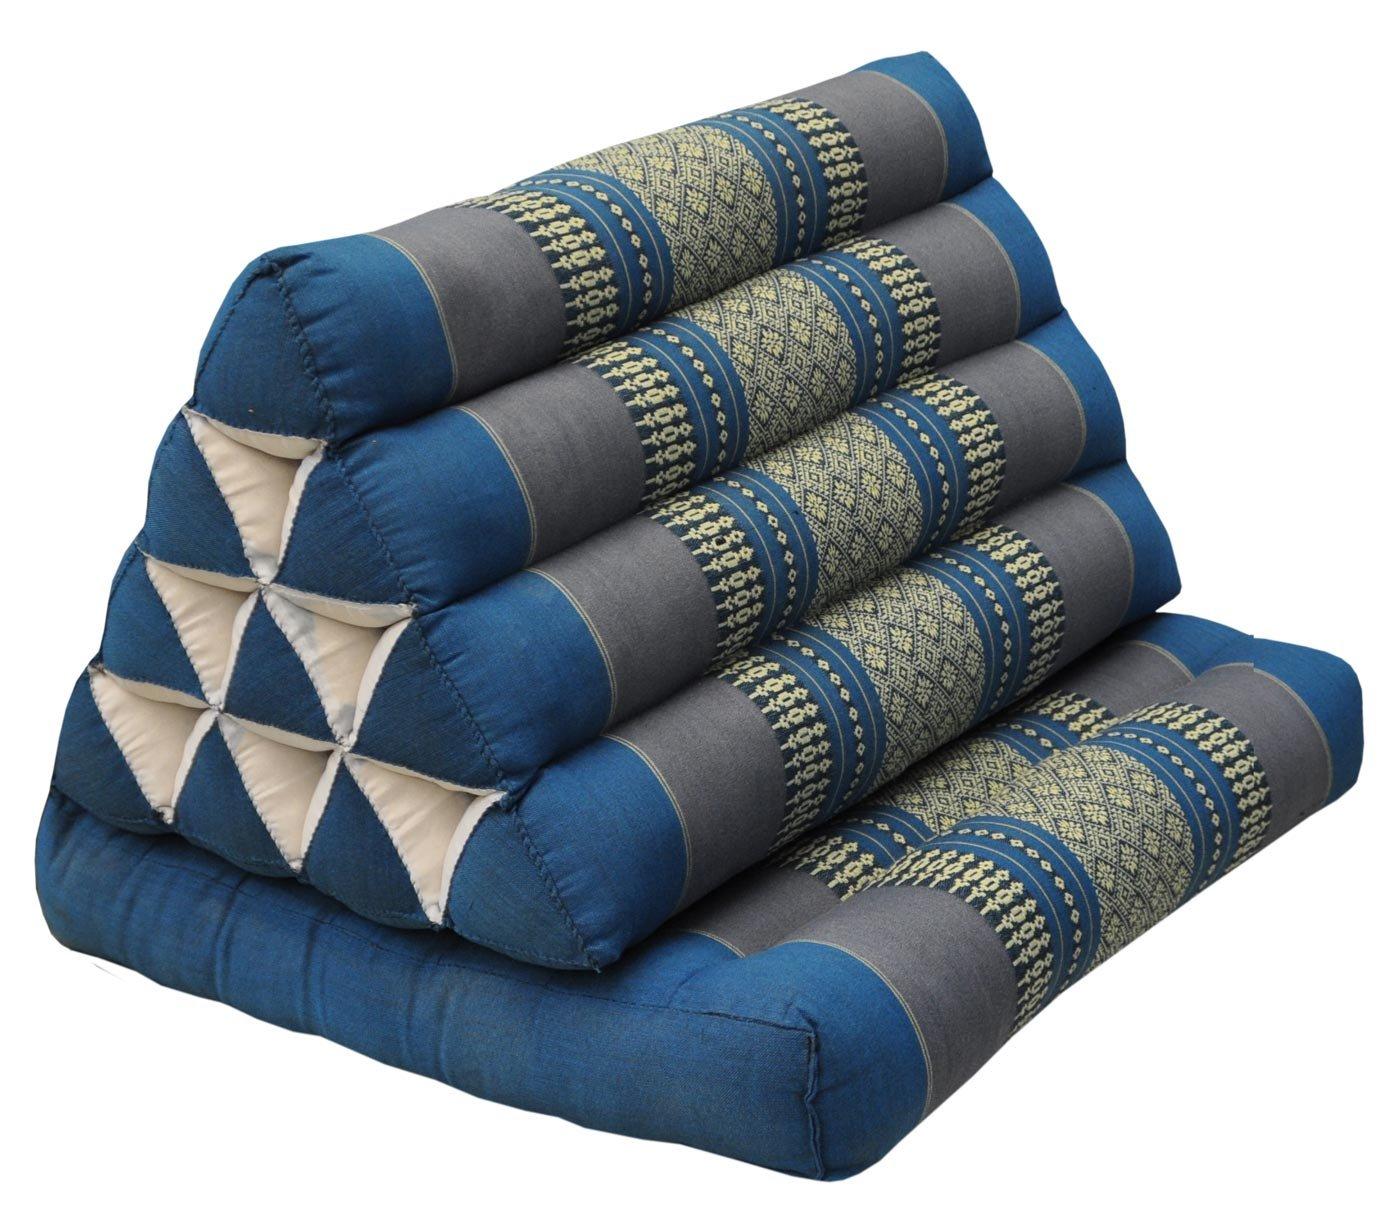 Kapok Thai Cushion Recliner with A triangular Cushion-Blue / Grey (81901) by Wilai